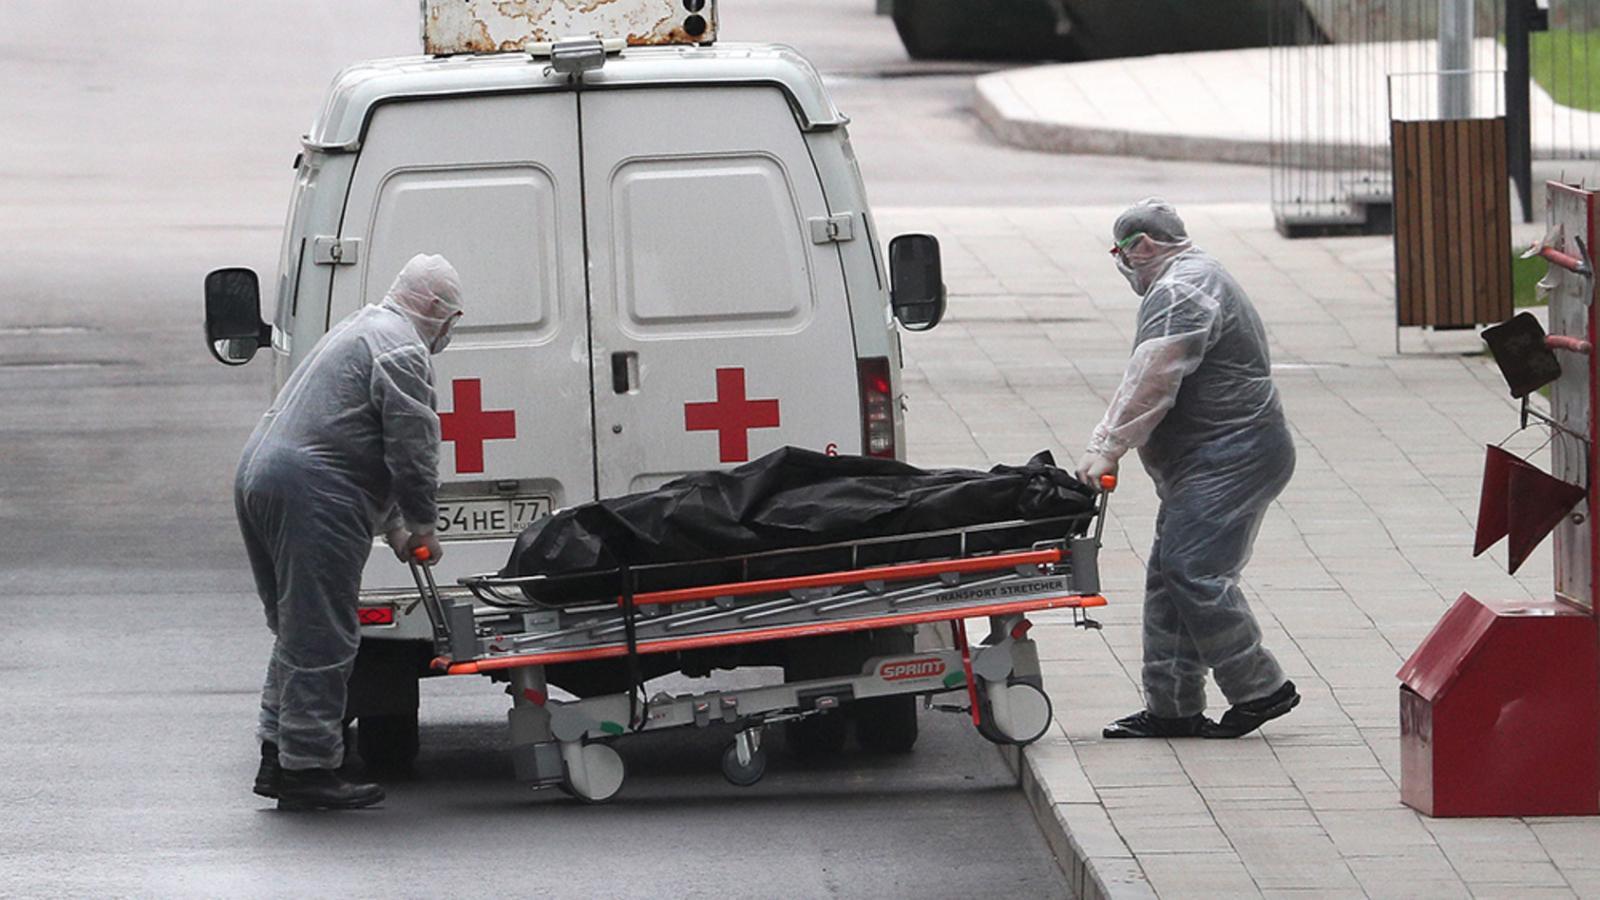 Врач из Нью-Йорка обвинил власти РФ в существенном занижении смертности от COVID-19